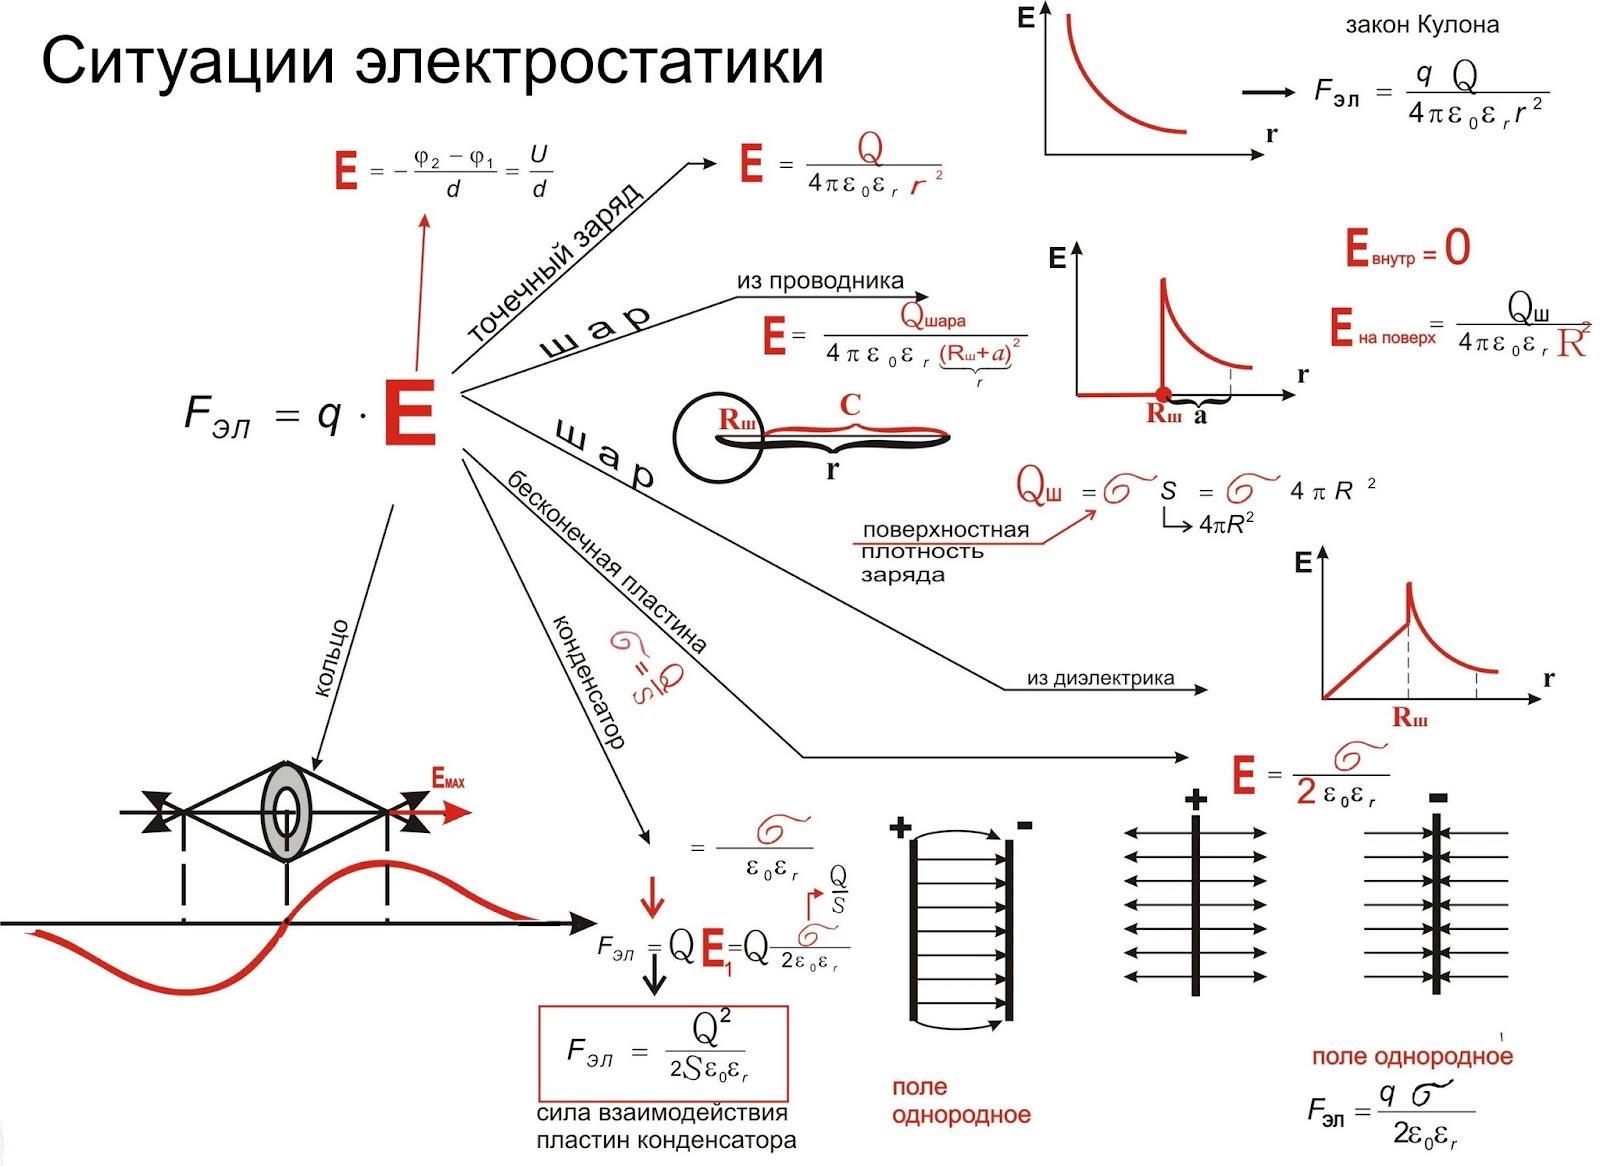 Расчет электрической цепи постоянного тока с конденсаторами